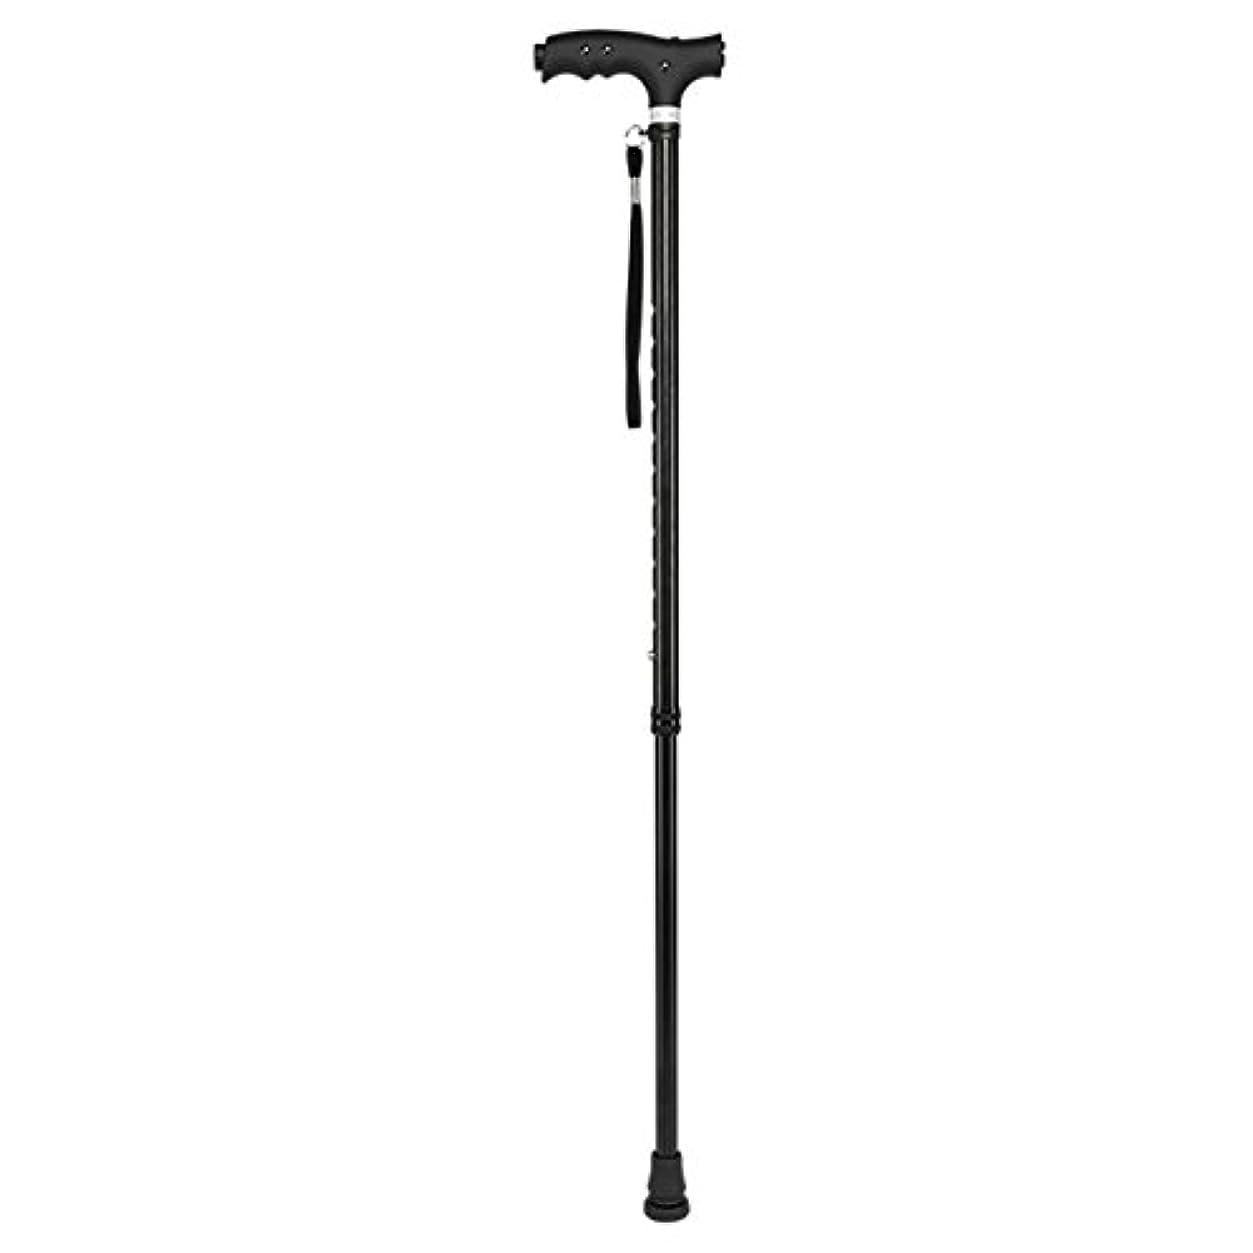 施設地域のはずdsfghe Old Man Walking Stick Telescopic Walking Stick three-legged Crutches three-leggedトレッキングポールアンチスキッドライトウォーキングスティック 07230